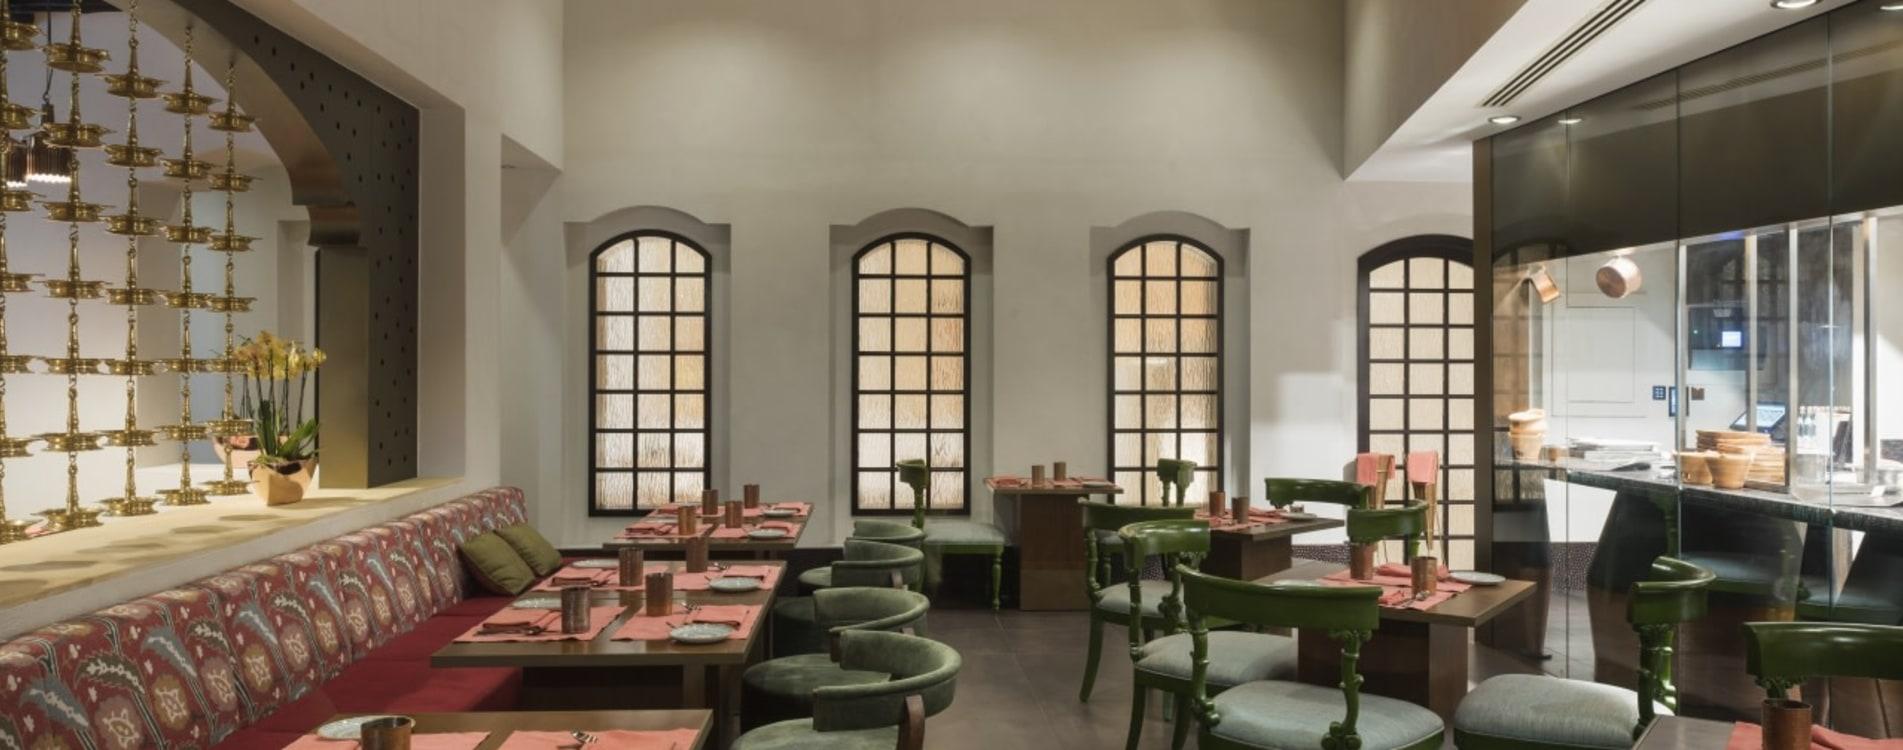 Kempinski-Hotel-Muscat-Bukhara-Restaurant-Interior-Oman.jpg